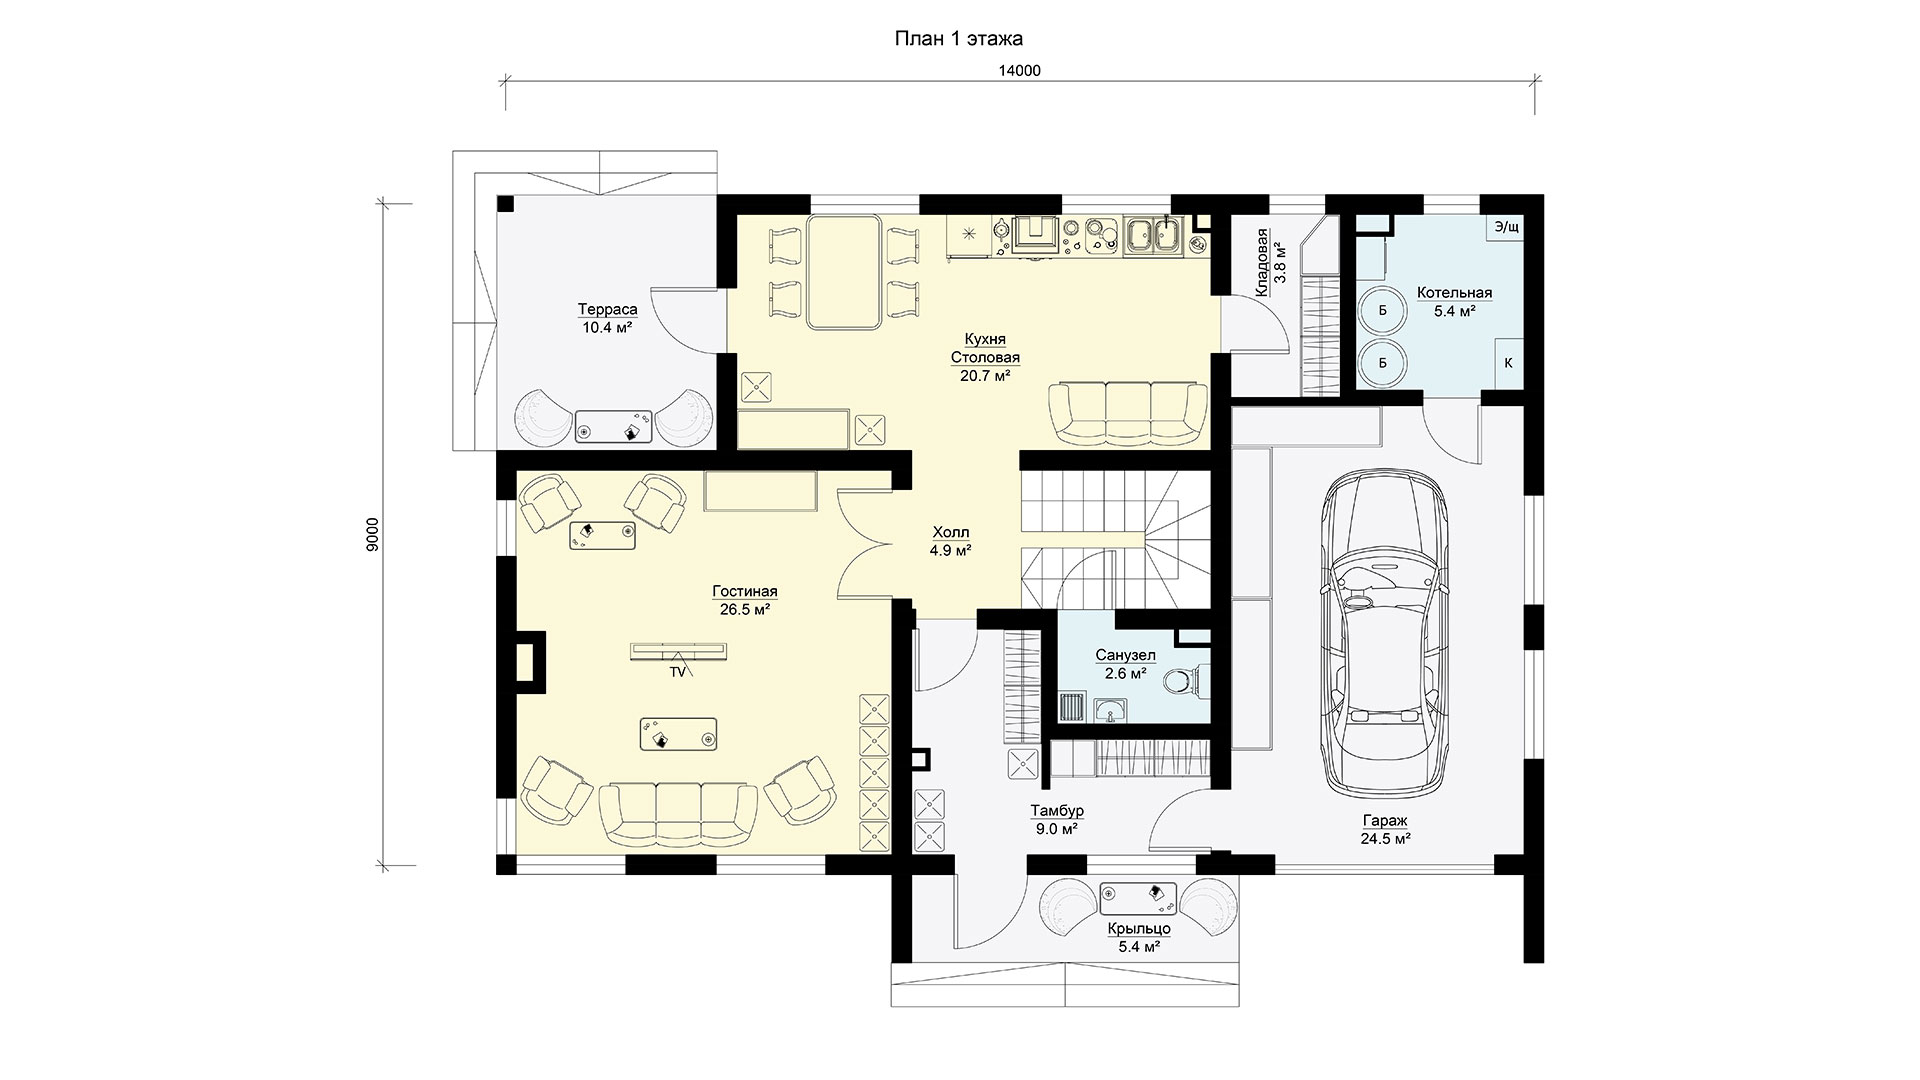 План первого этажа двухэтажного дома БЭНПАН, проект МС-189.